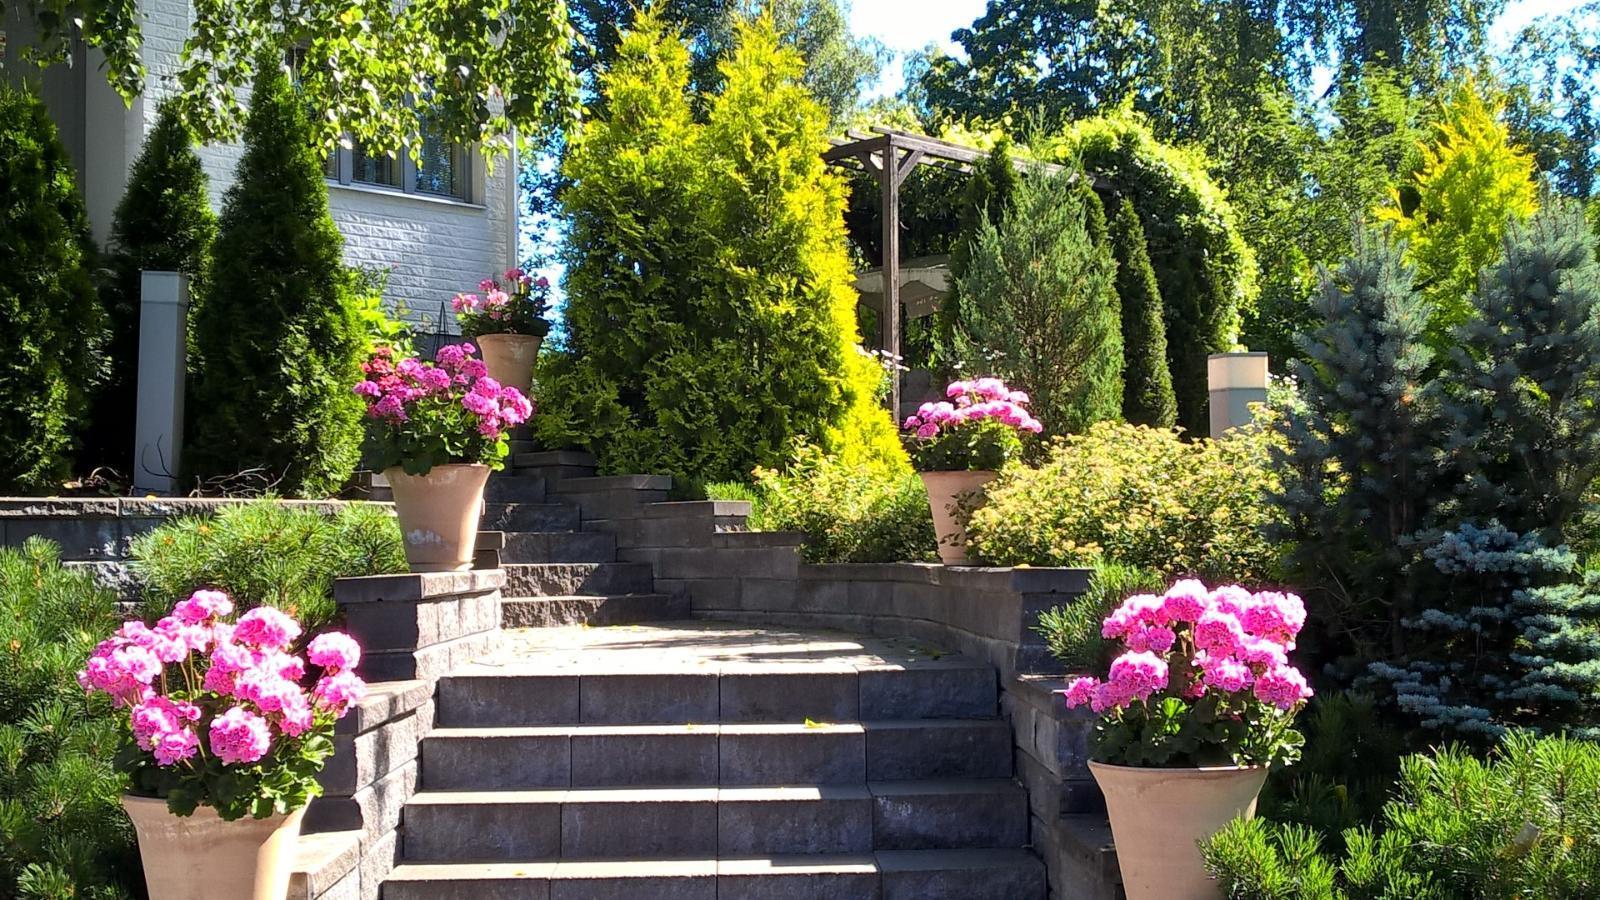 Vehreä piha ja puutarha sisääntulon yhteydessä  Etuovi